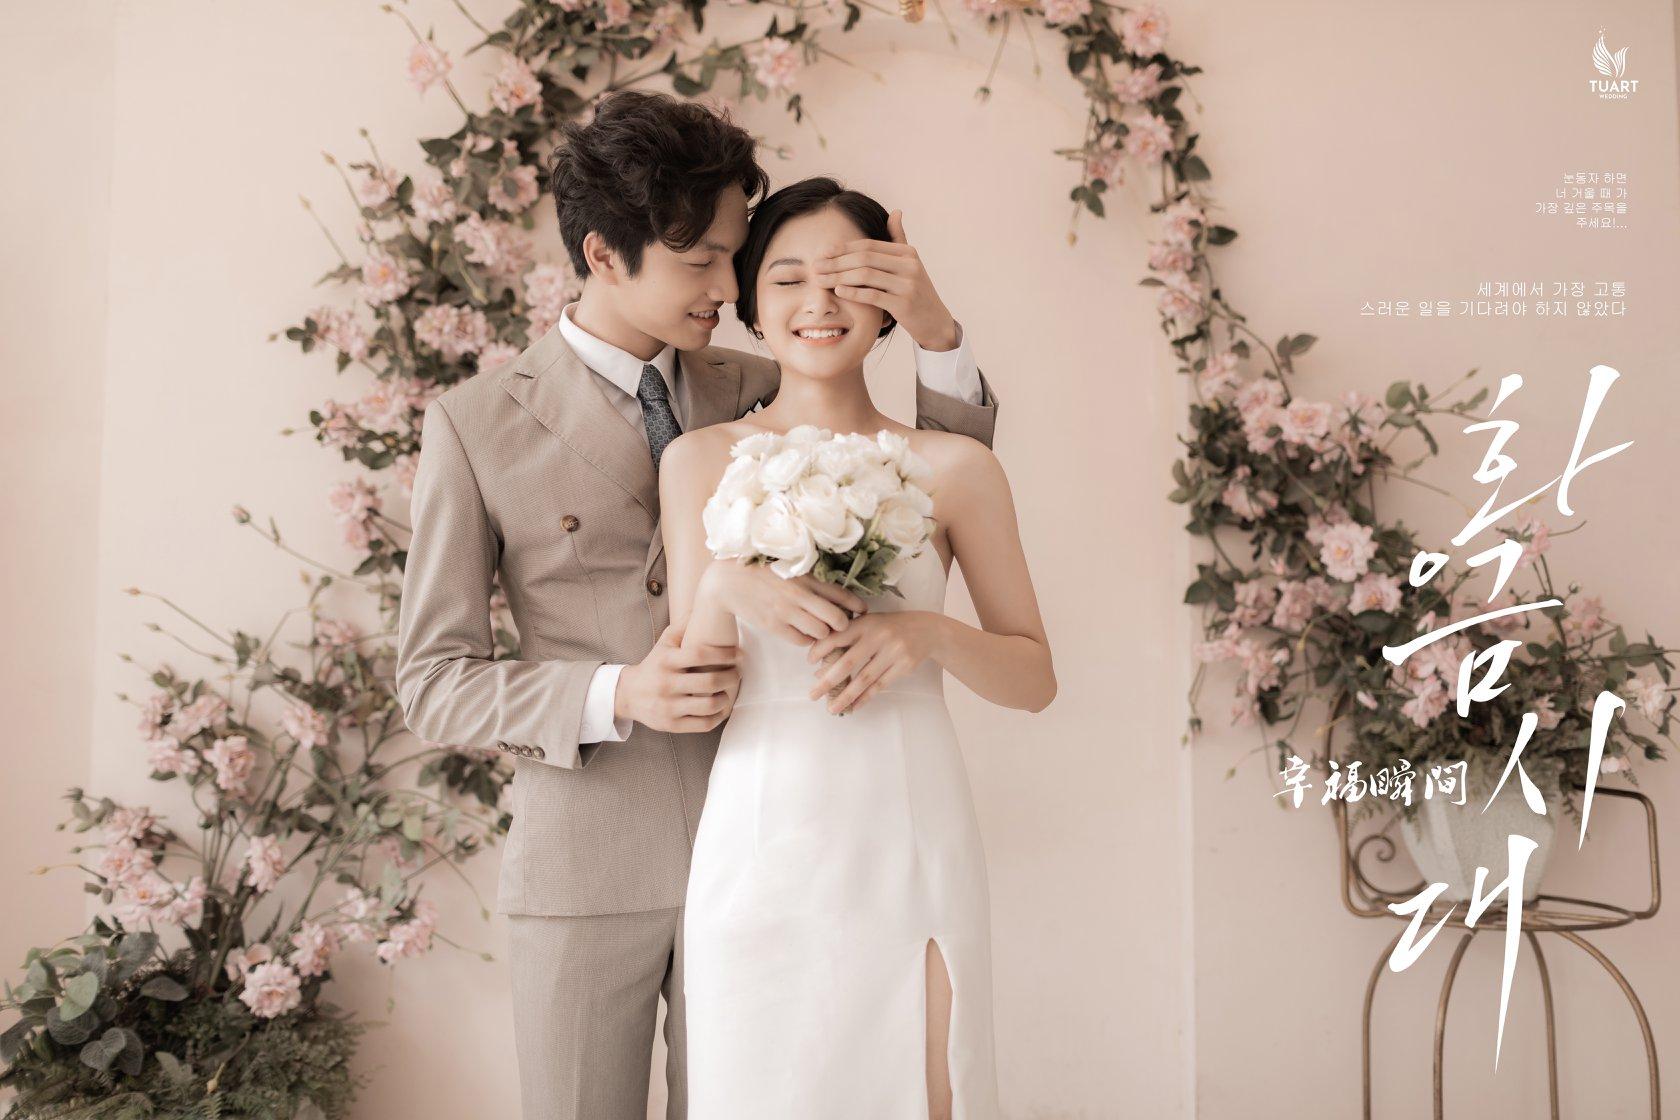 Chụp ảnh cưới phong cách Hàn Quốc Hà Nội